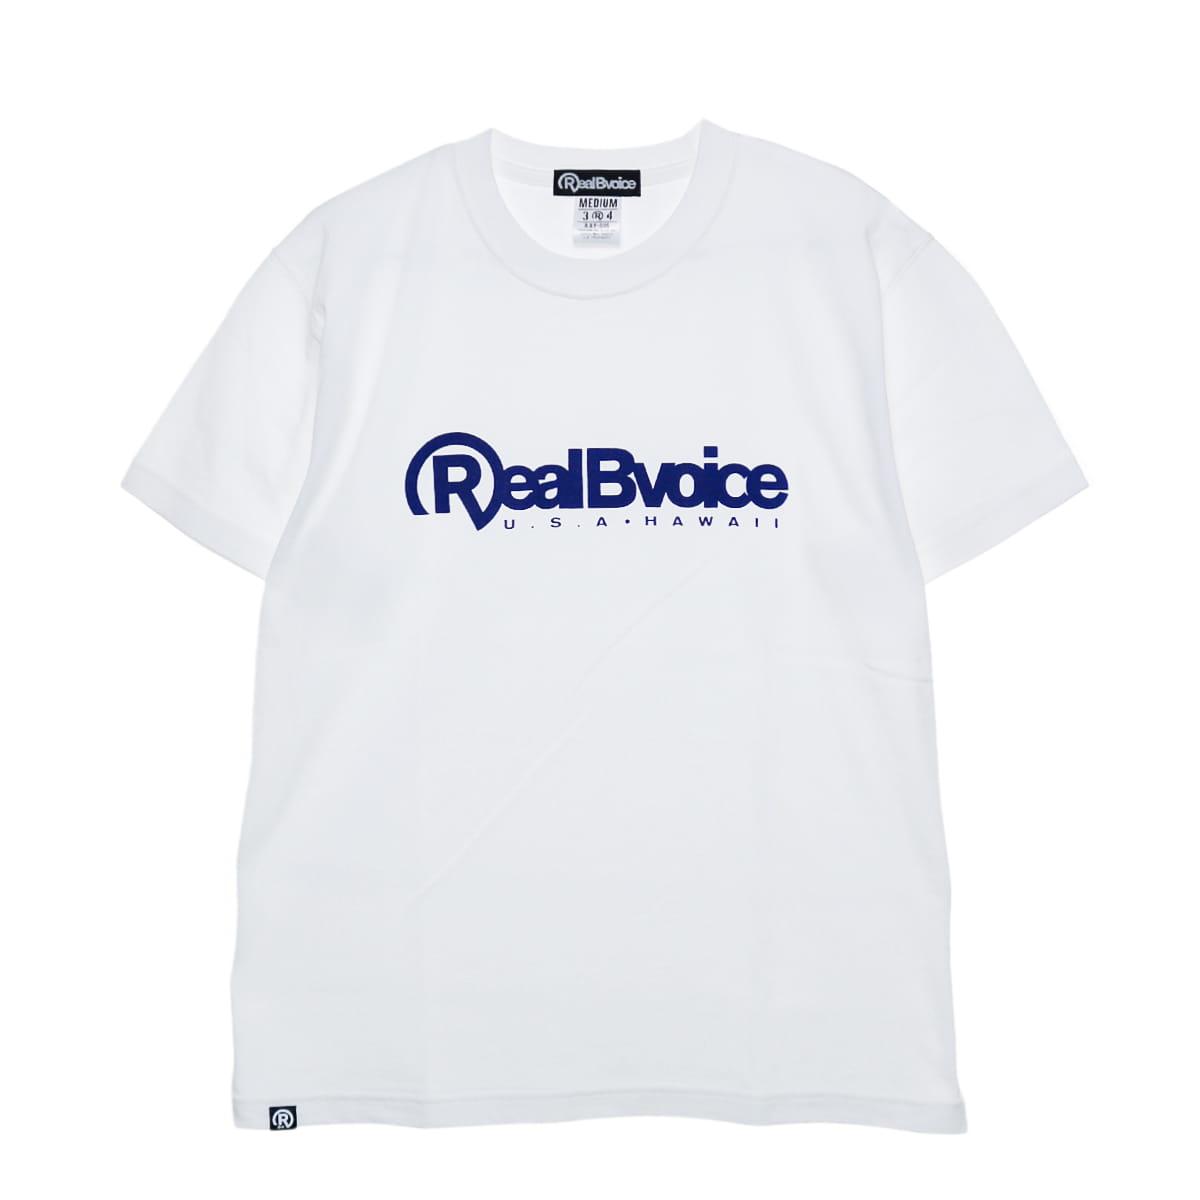 BASIC RBV LOGO T-SHIRT